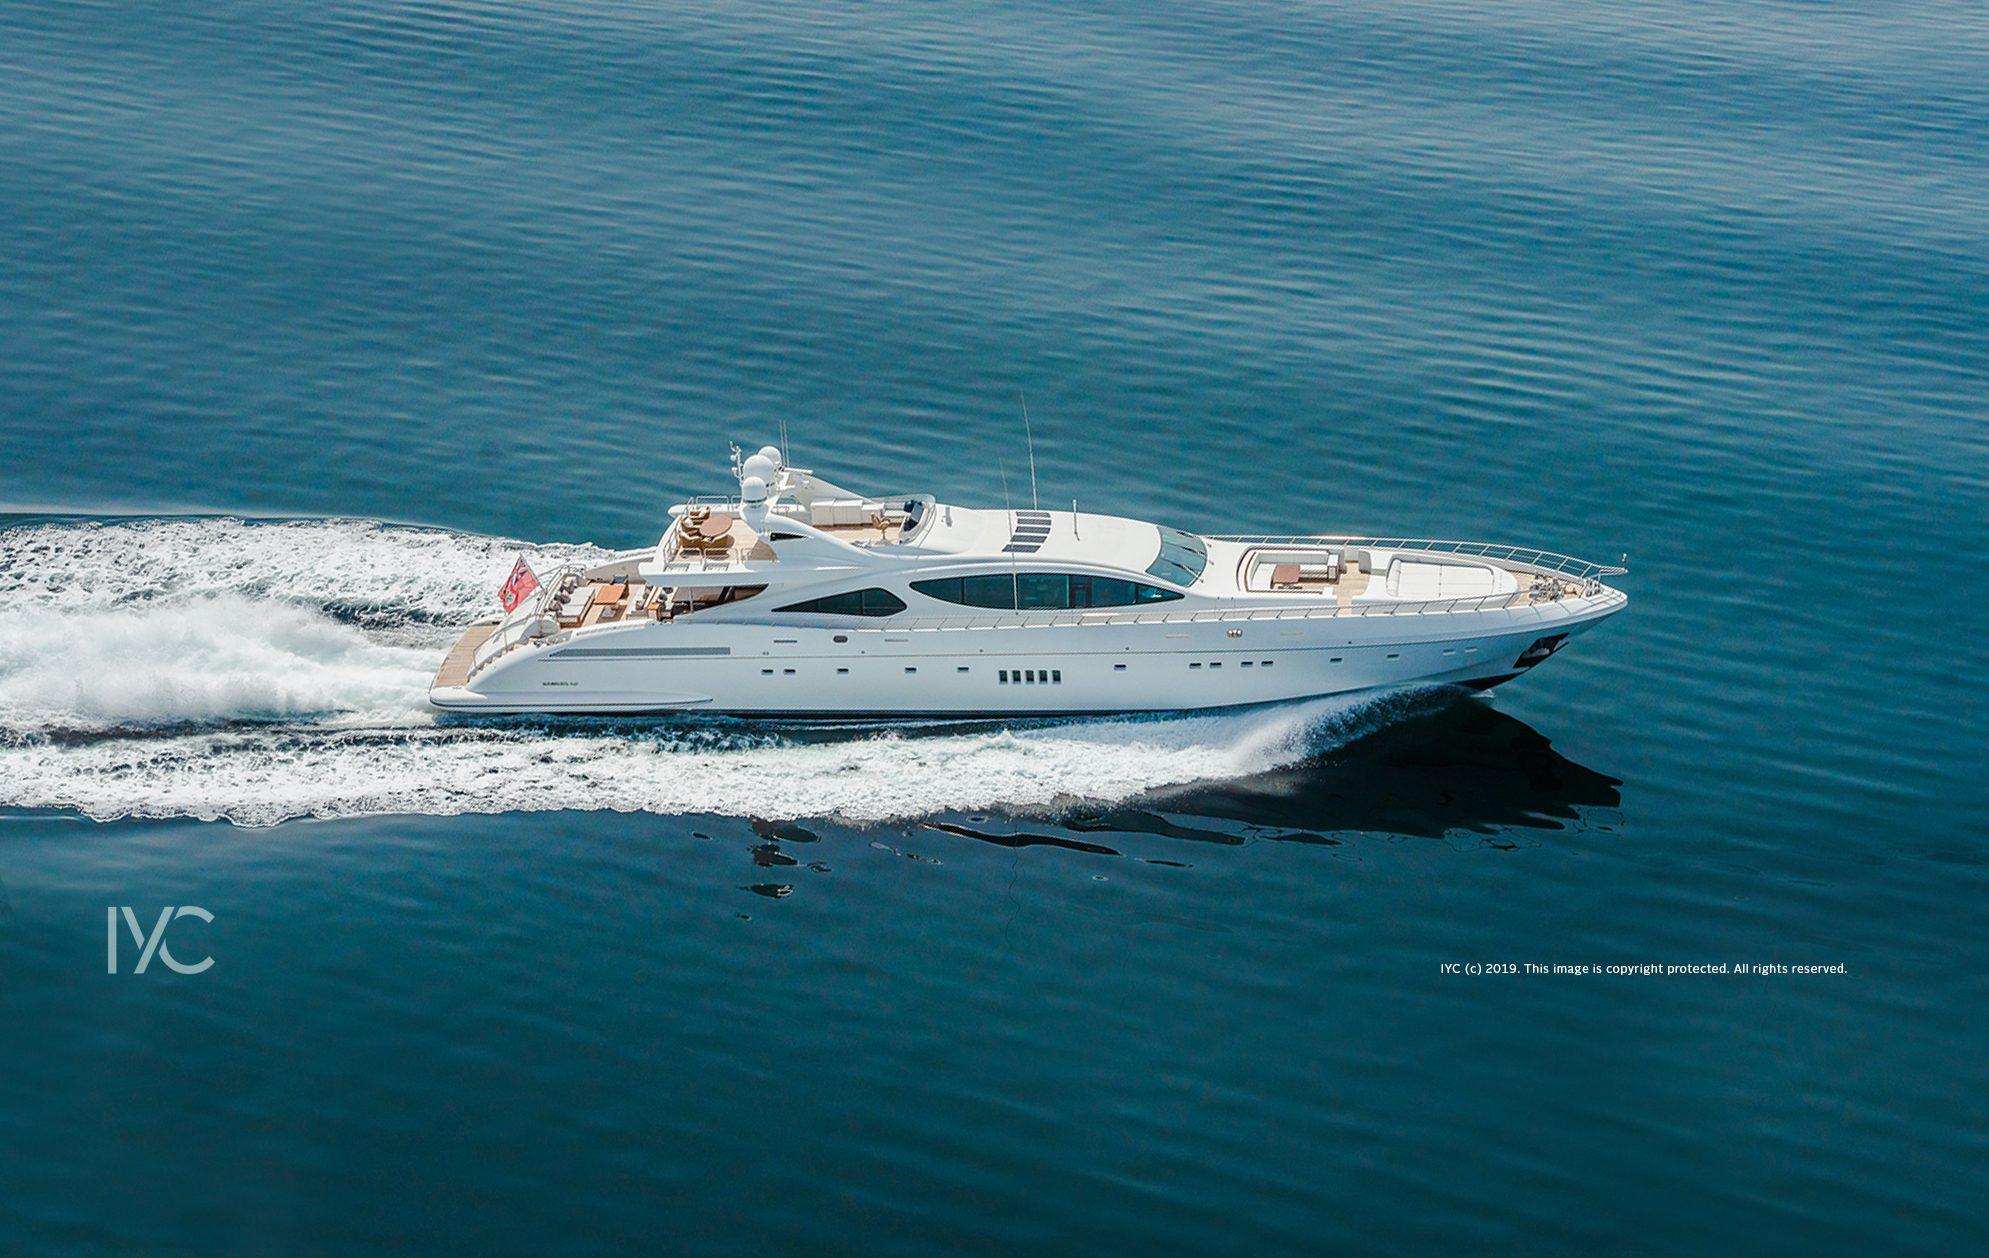 SAMHAN Yacht for Sale - IYC